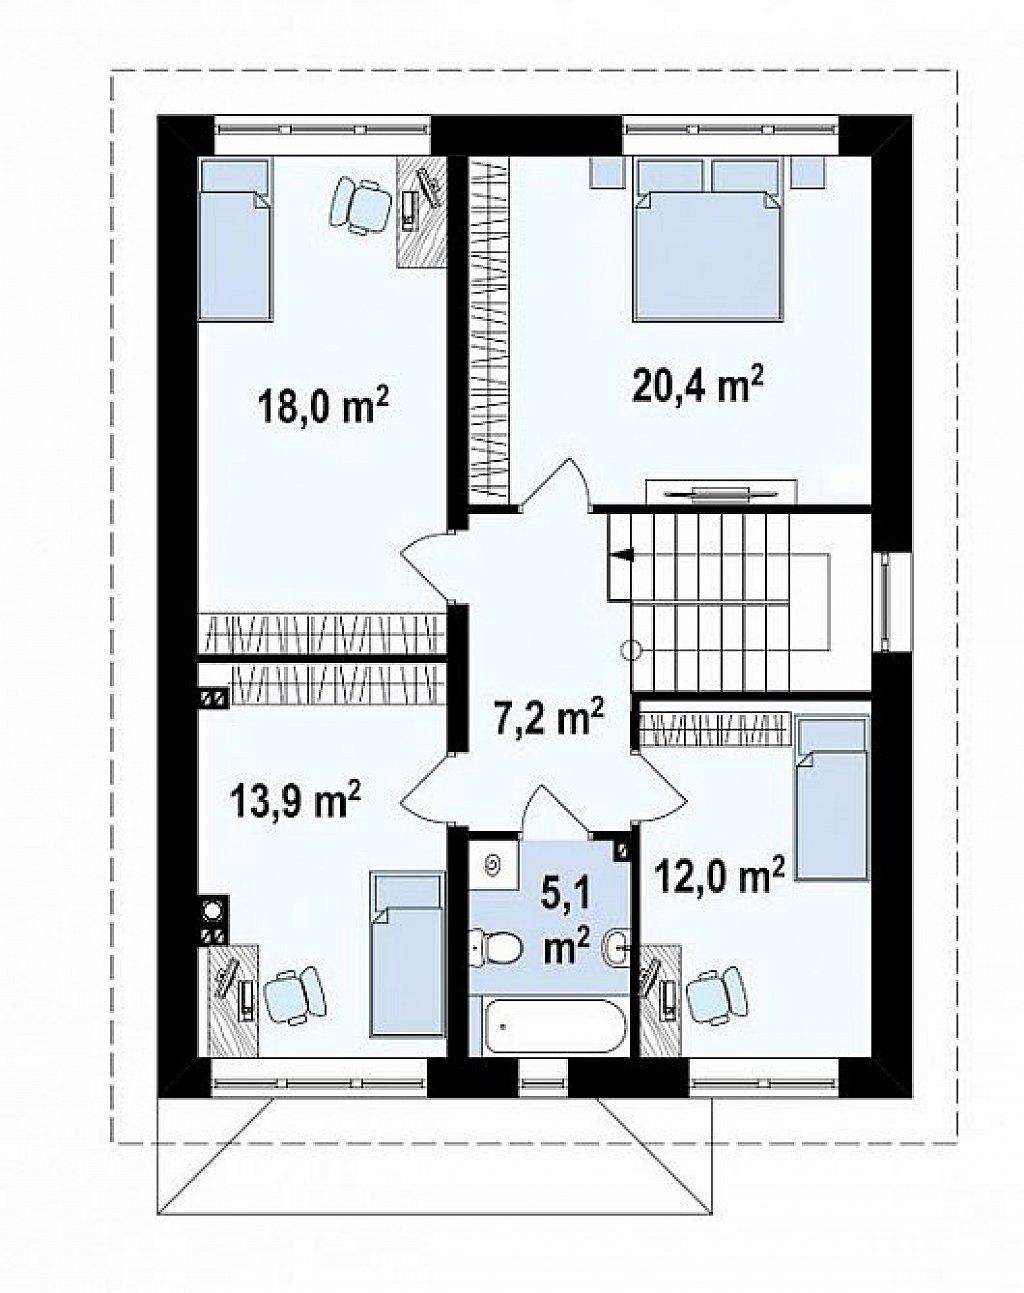 Проект элегантного дома с четырехскатной кровлей. план помещений 2